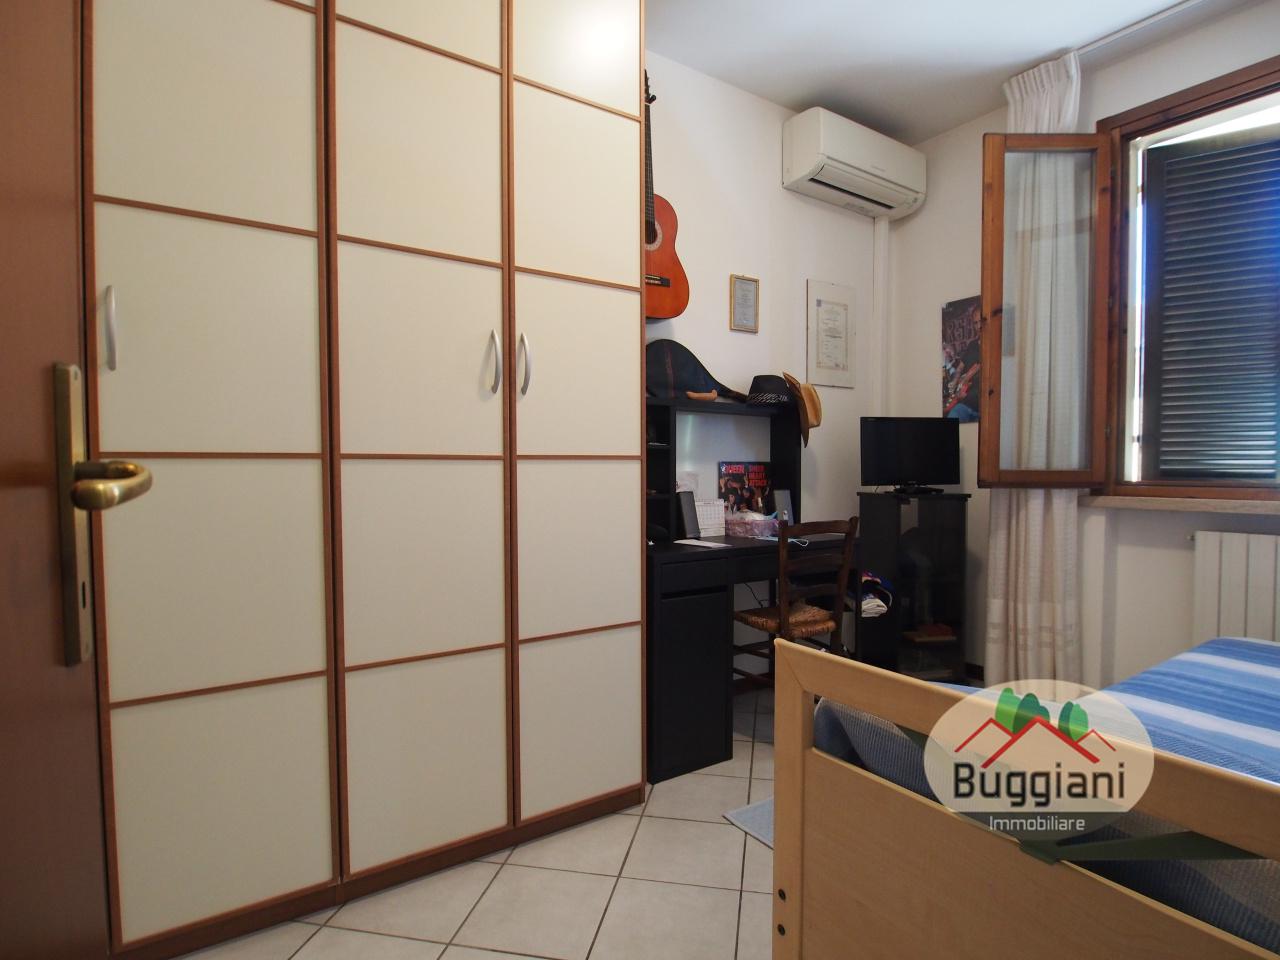 Appartamento in vendita RIF. 2164, Santa Croce sull'Arno (PI)